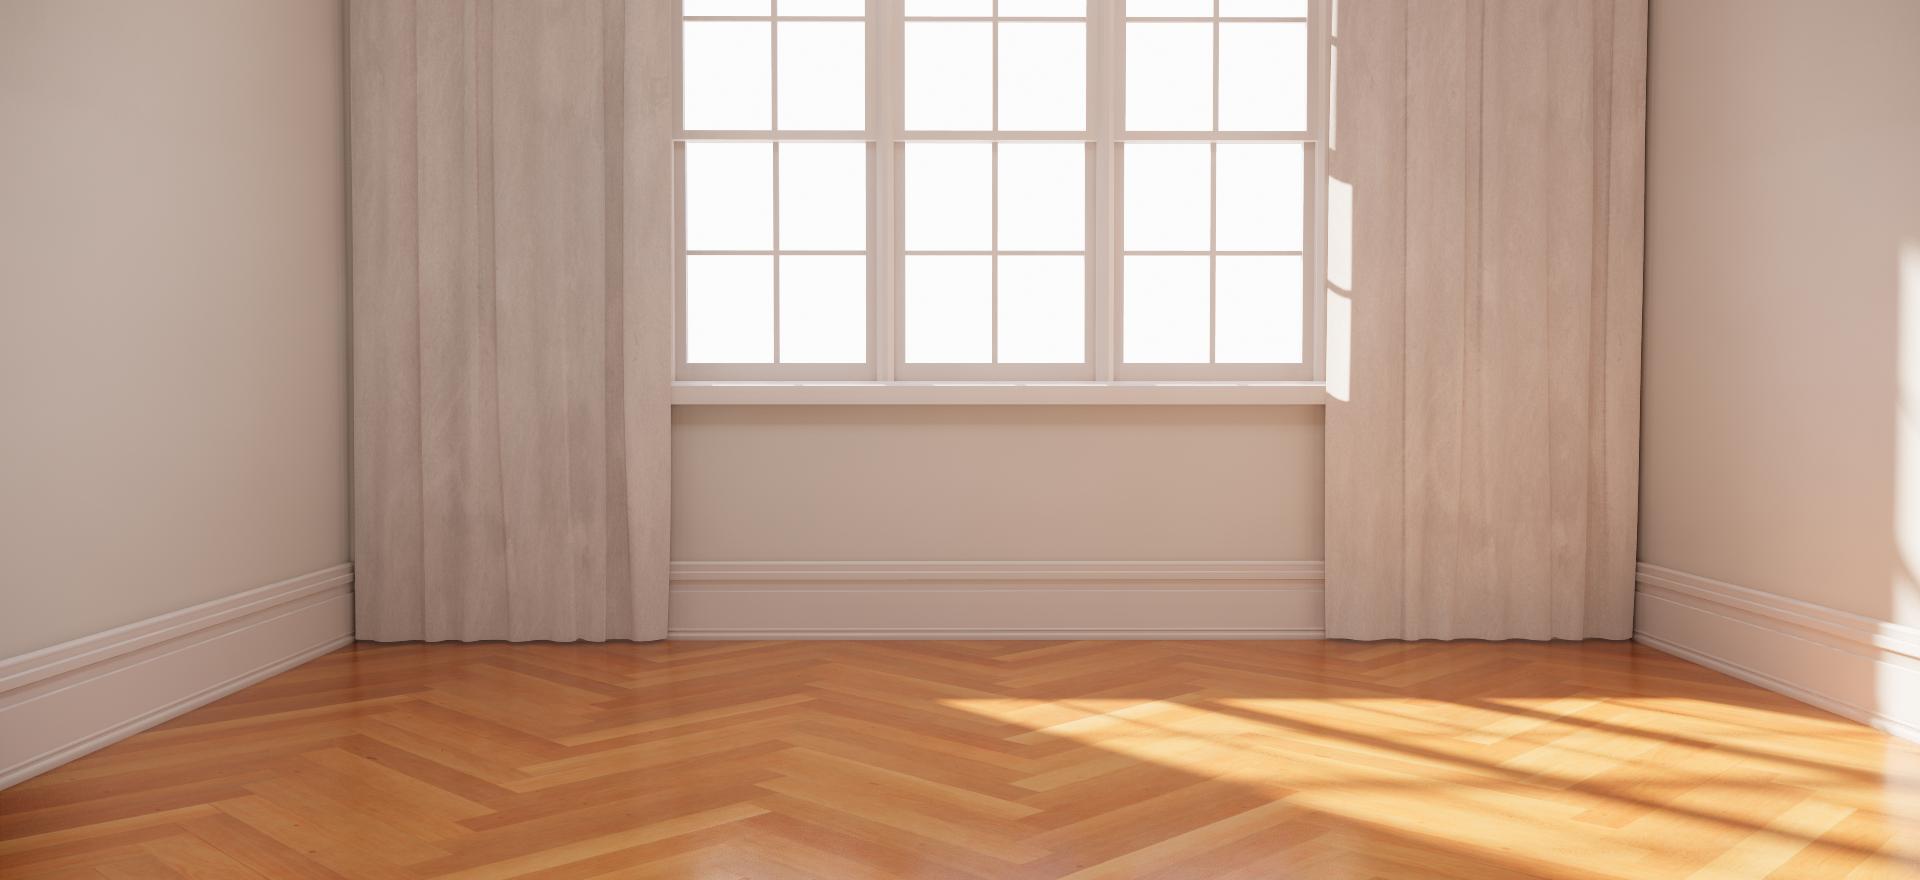 Wood Flooring 16.png